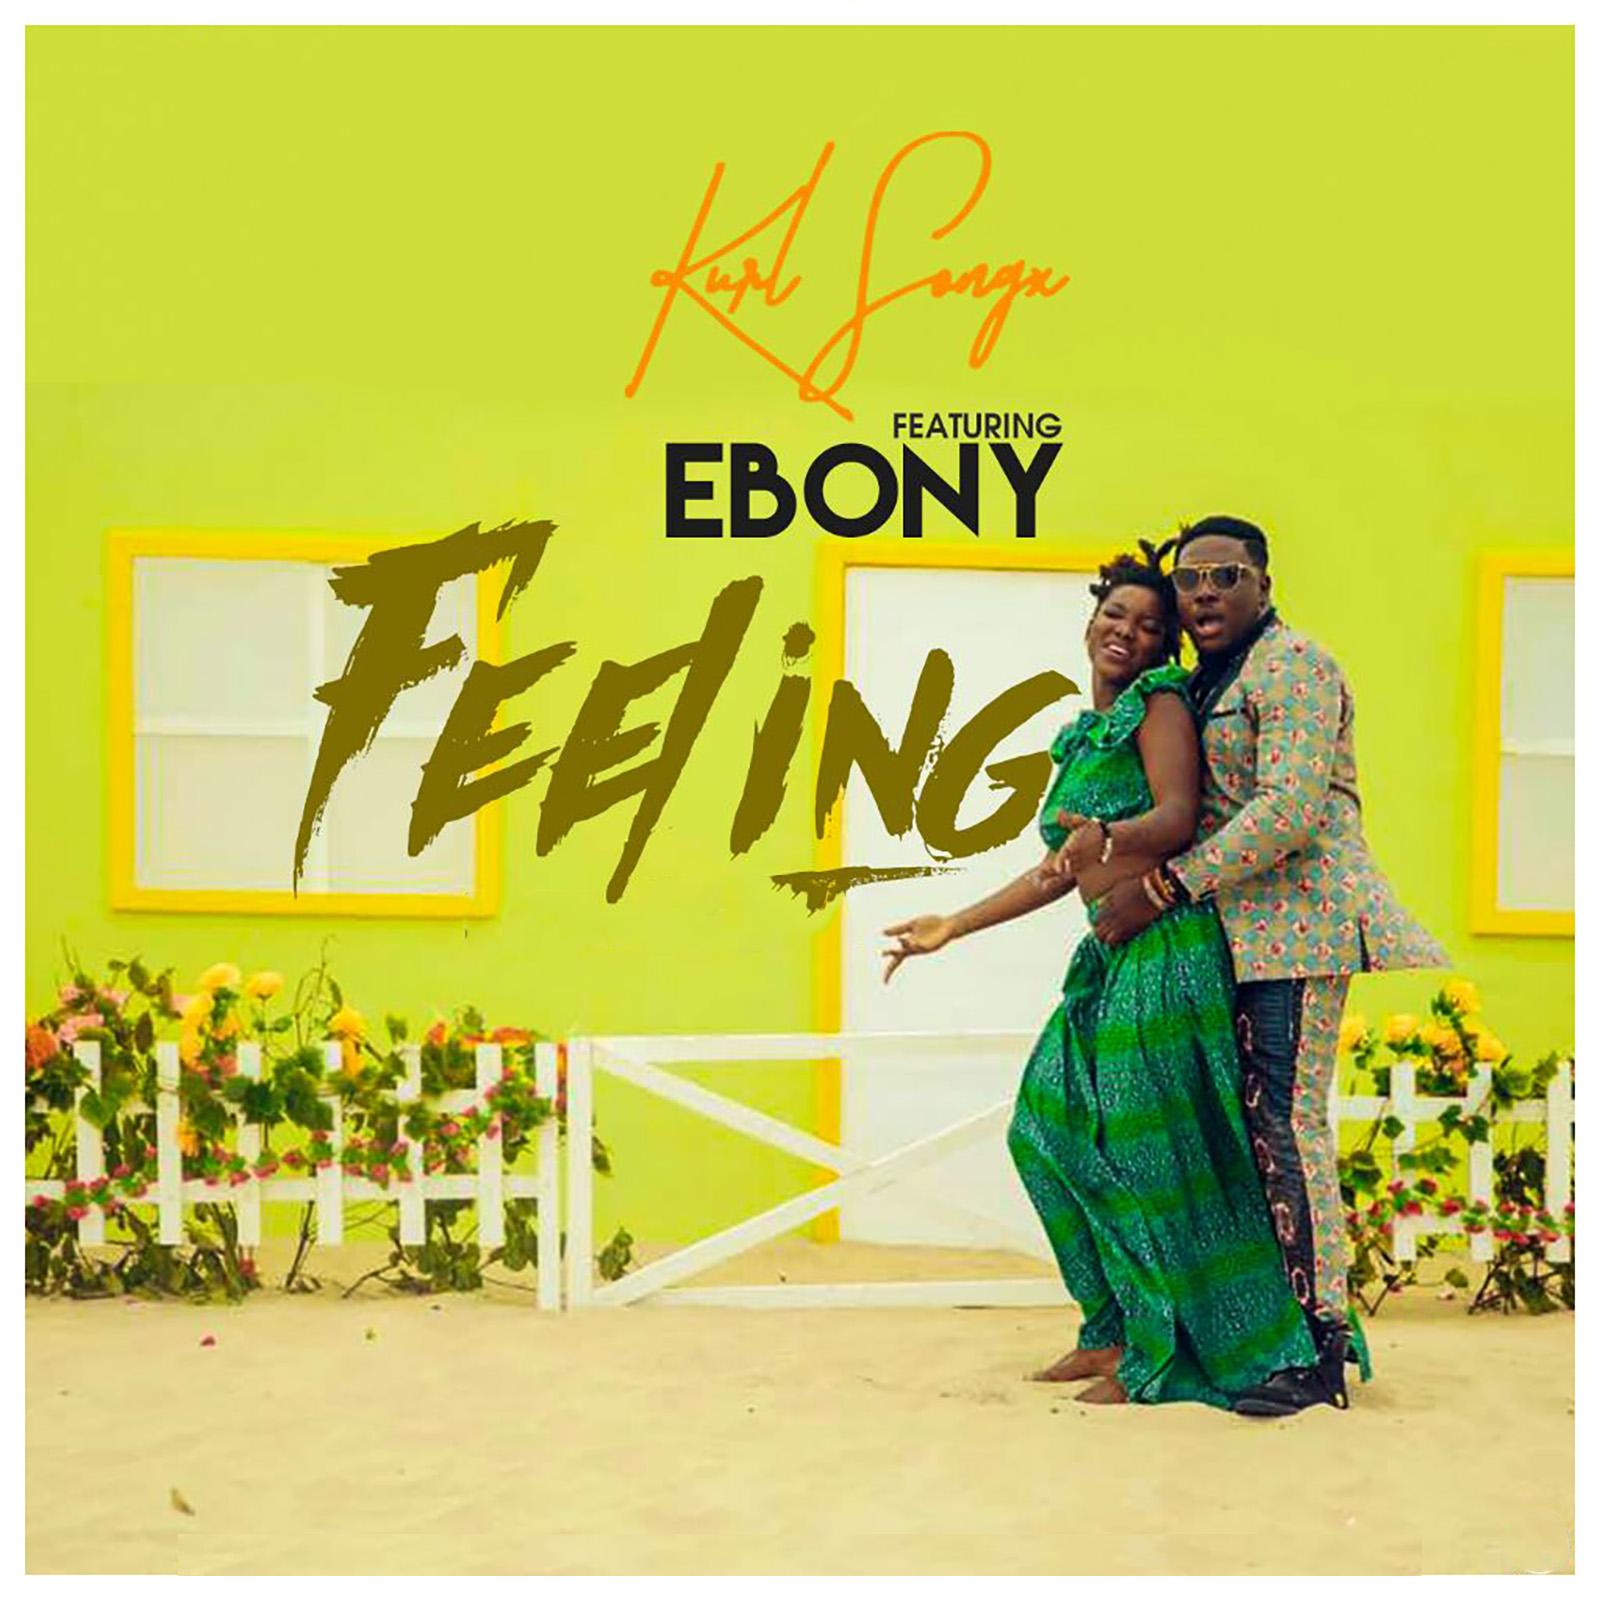 Feeling by Kurl Songx feat. Ebony